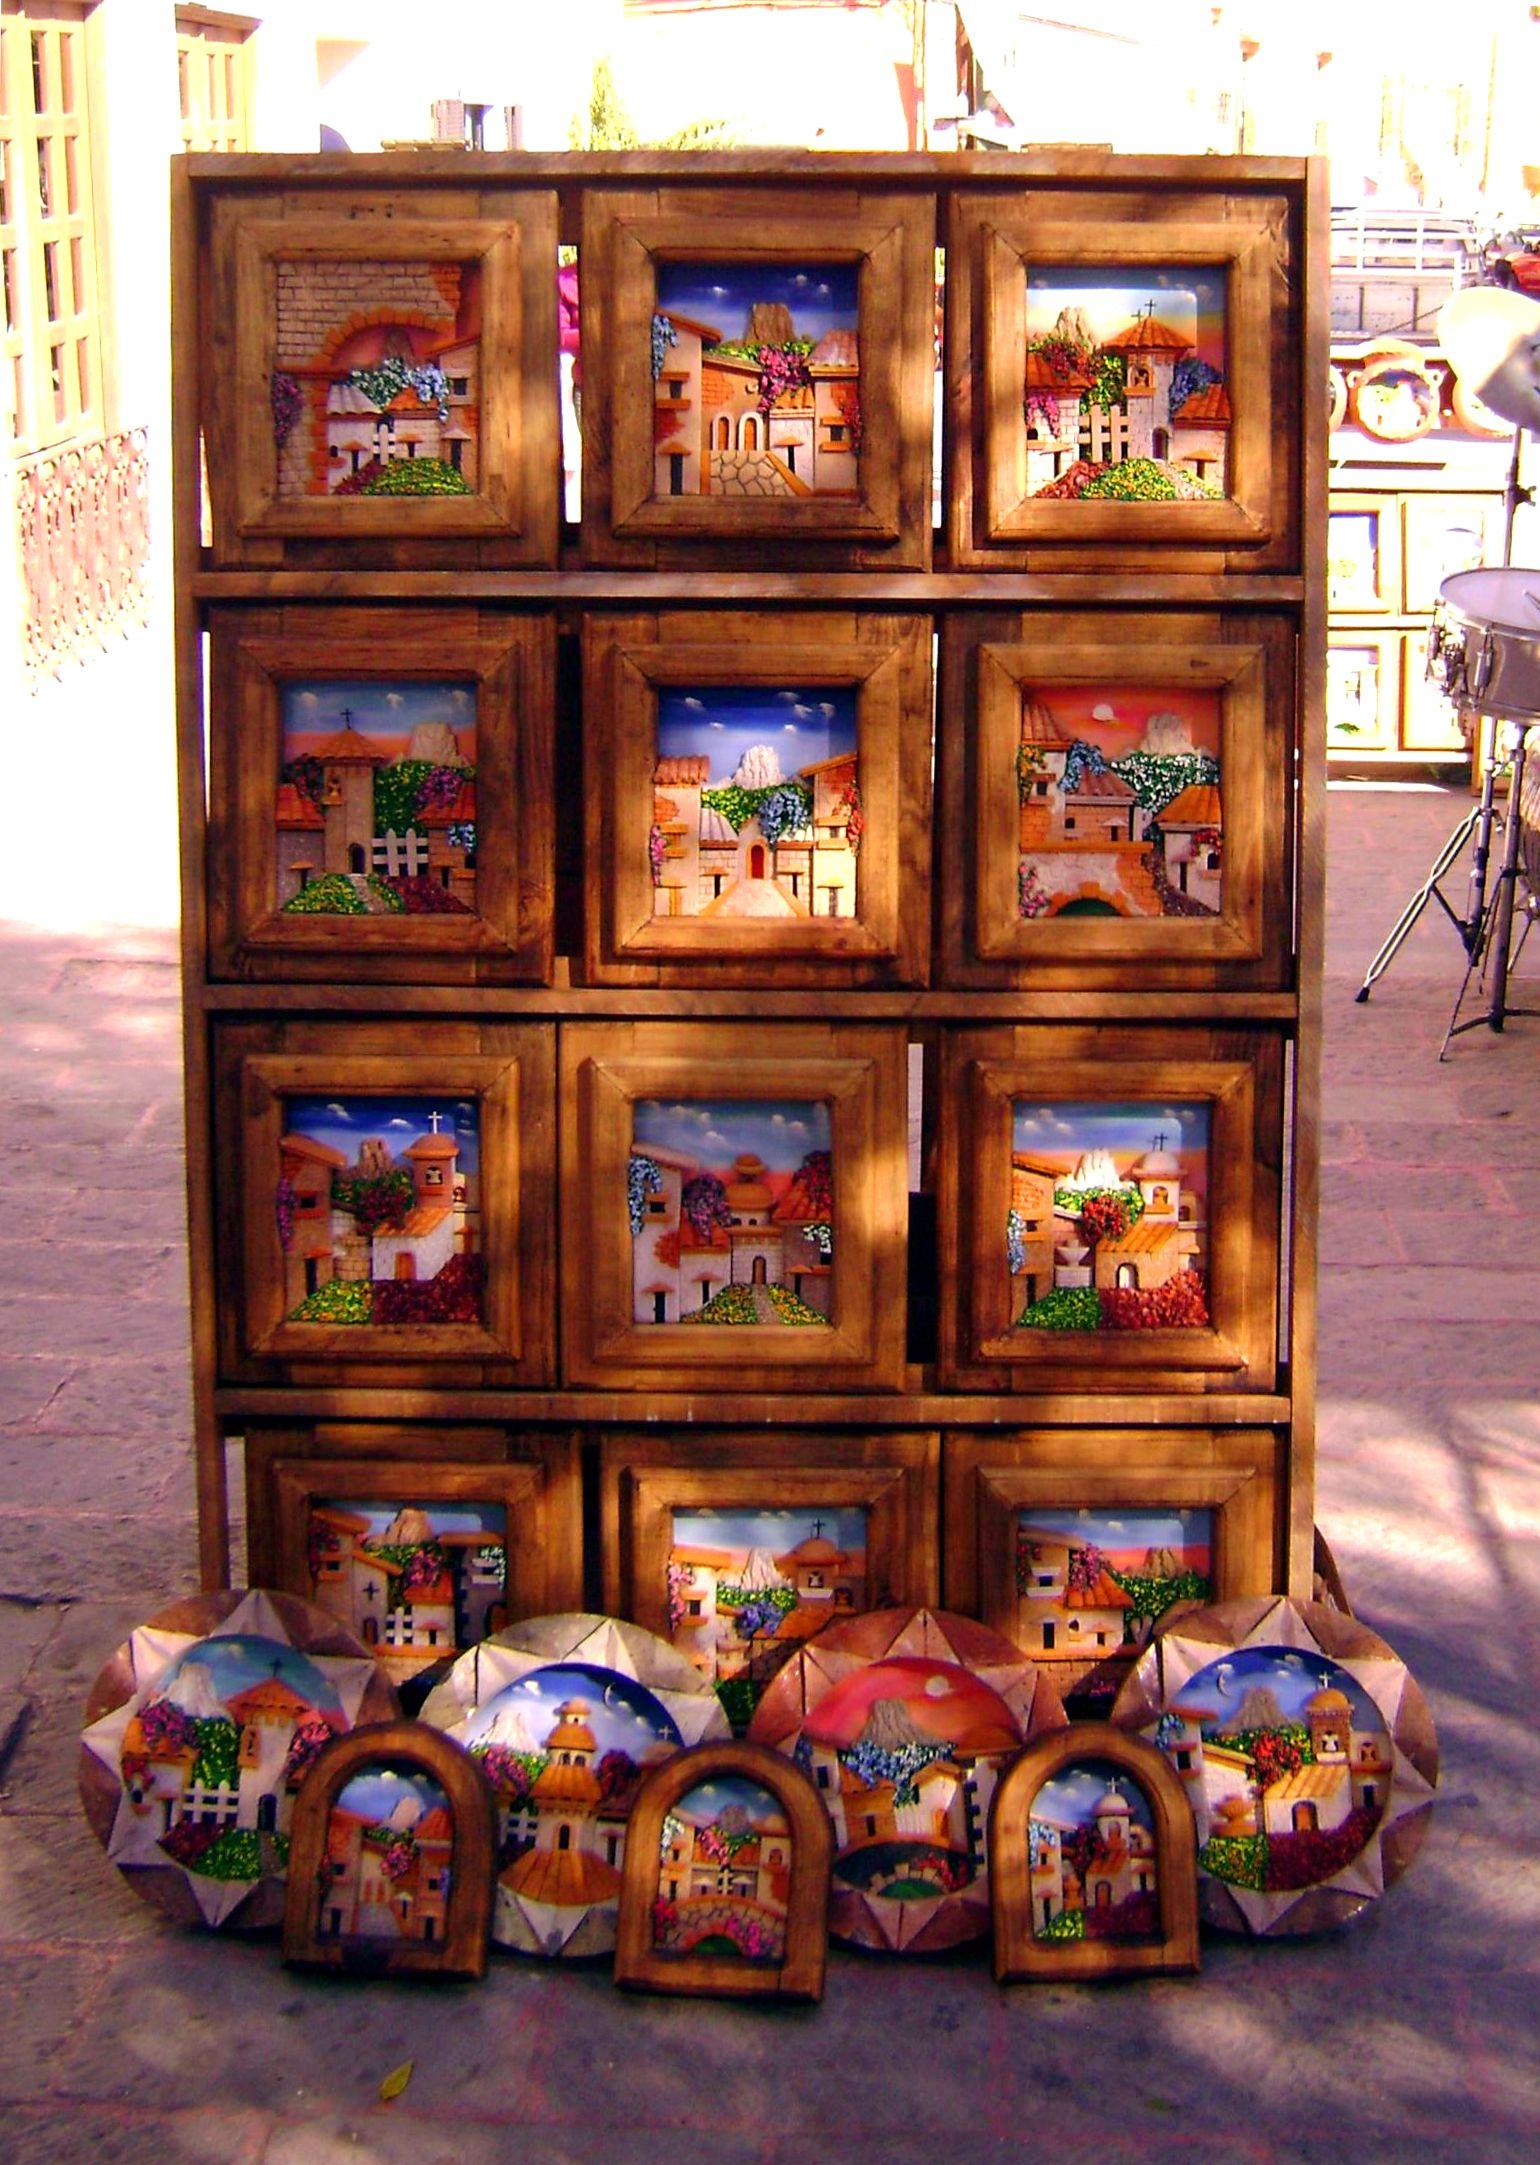 Cuadros rusticos en tequisquiapan mexico nuestra for Cuadros mexicanos rusticos